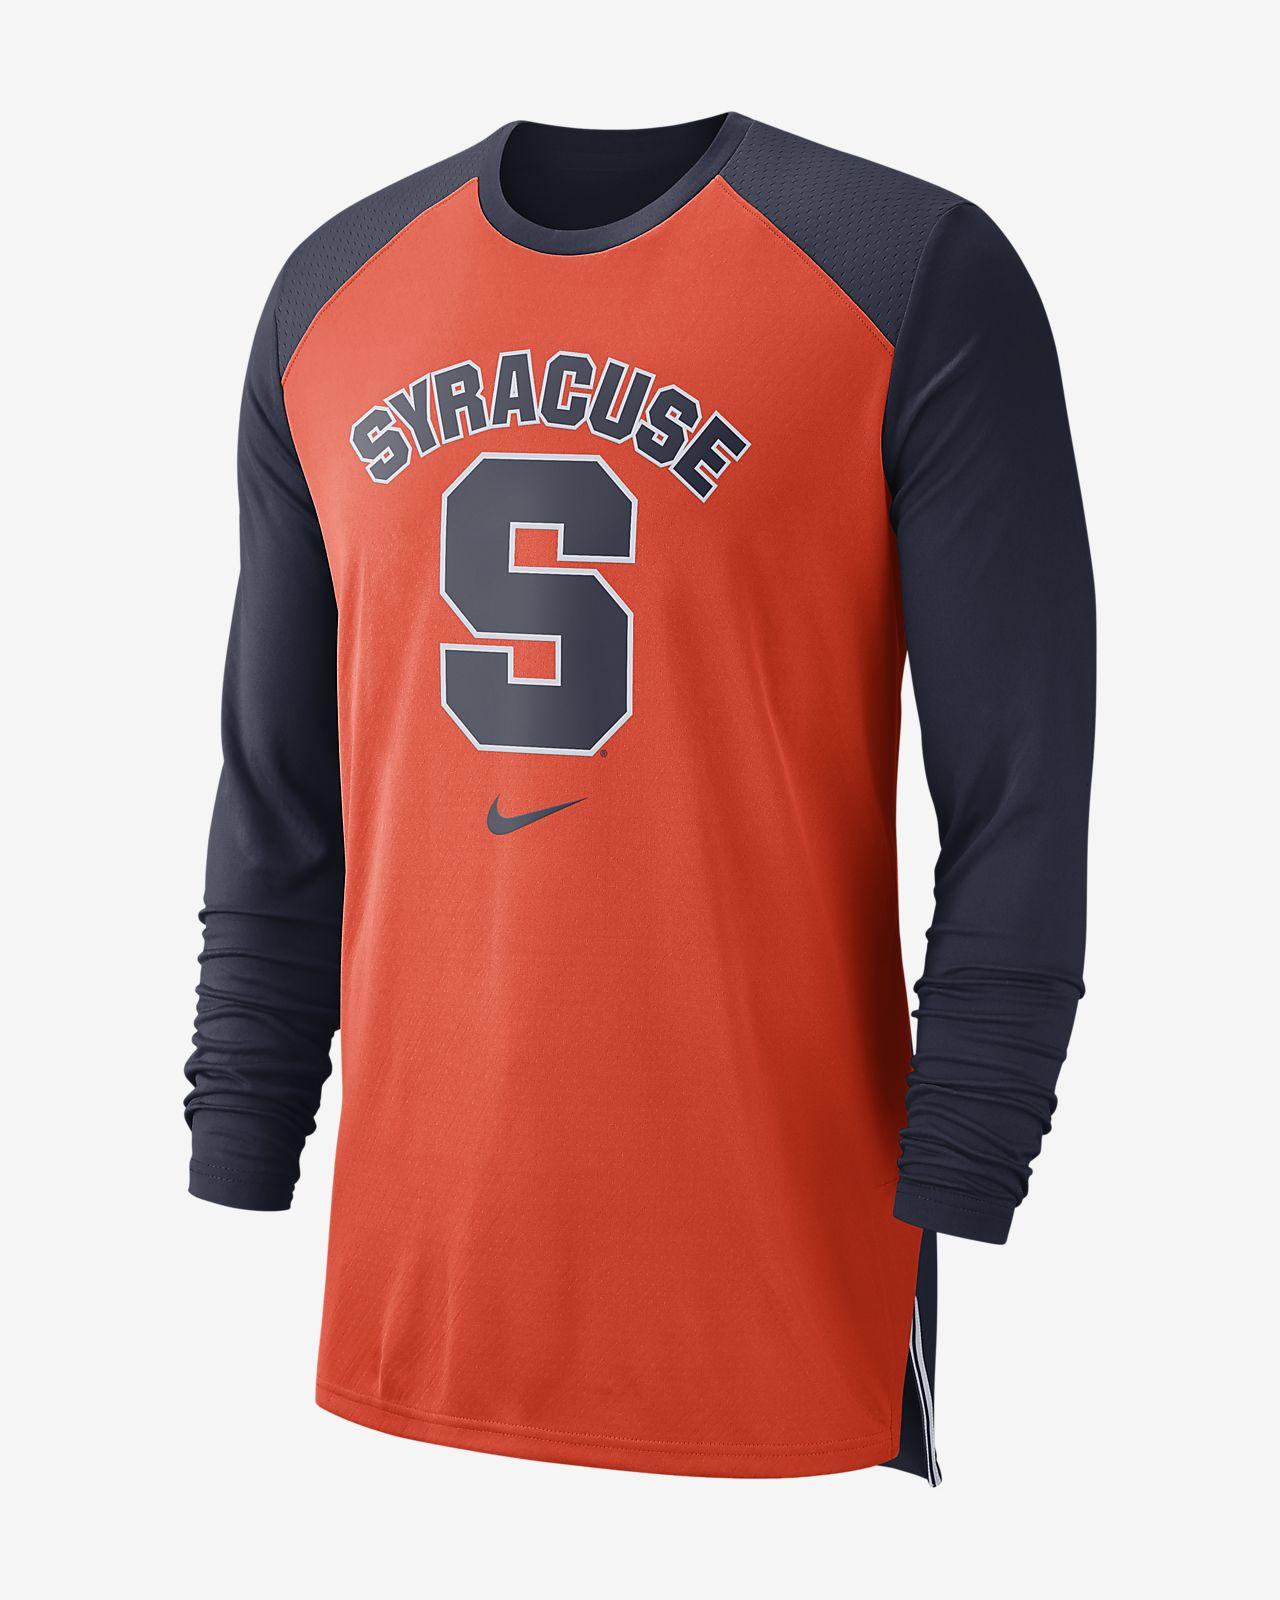 Nike College Breathe (Syracuse) Men's Long-Sleeve Top